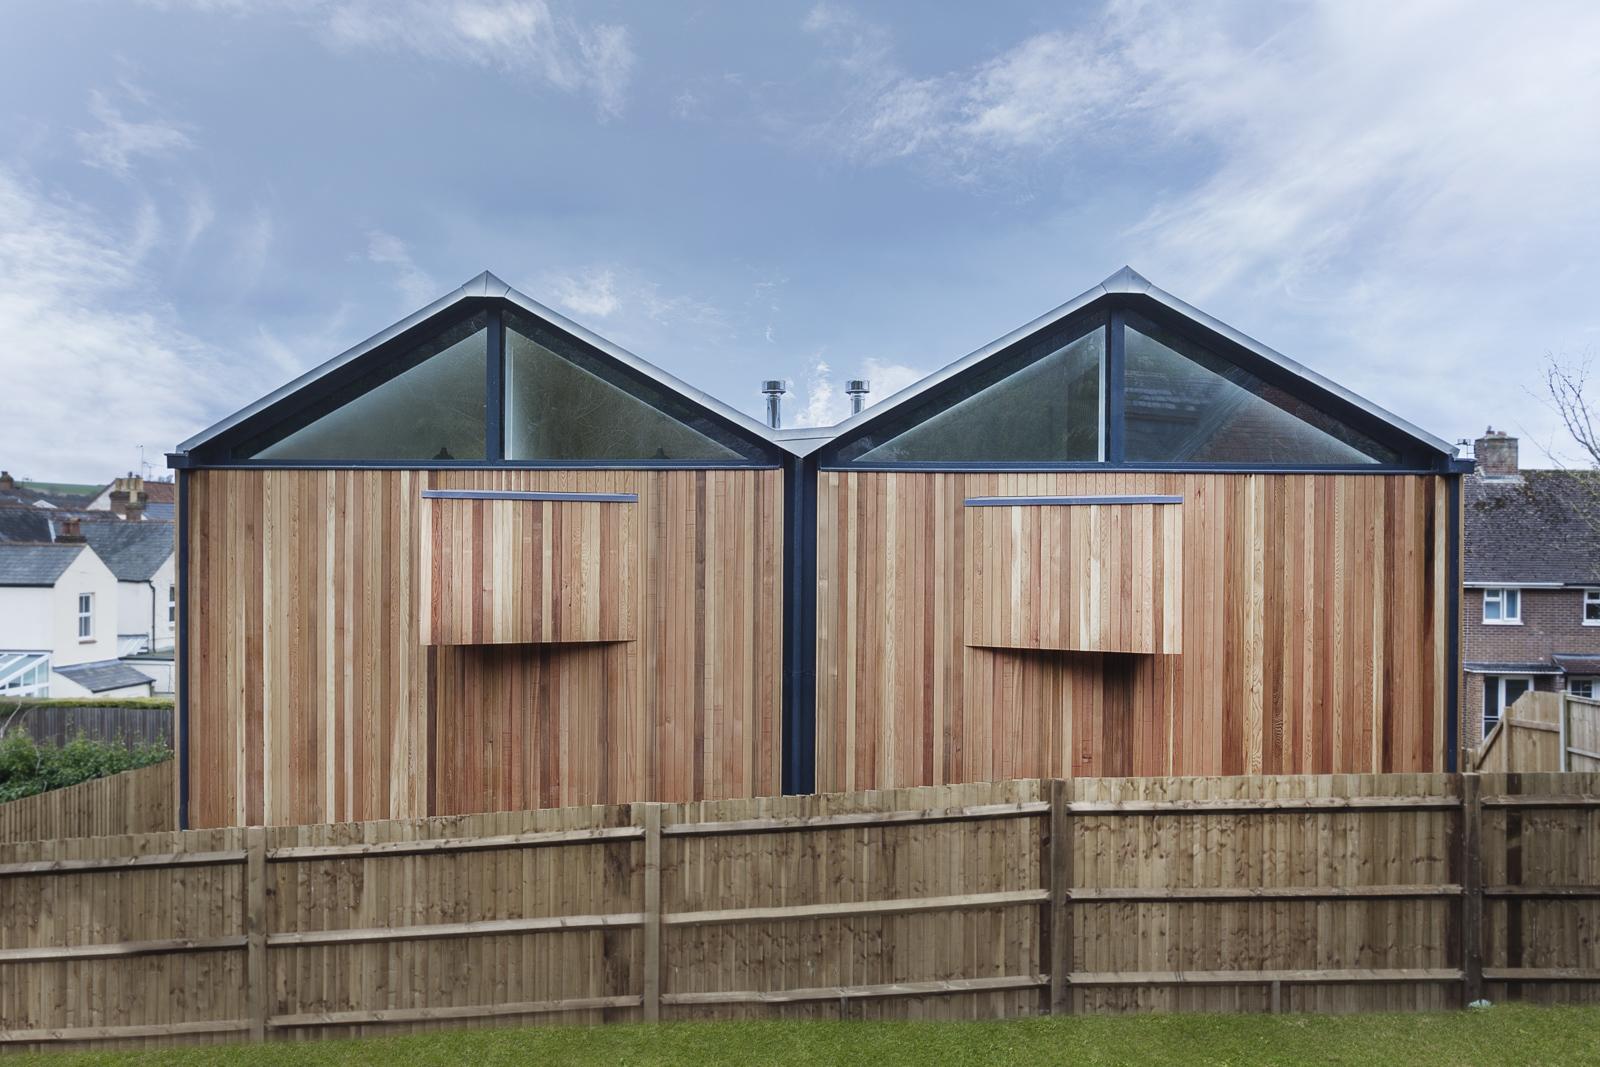 Alojamentos de cedro / Adam Knibb Architects